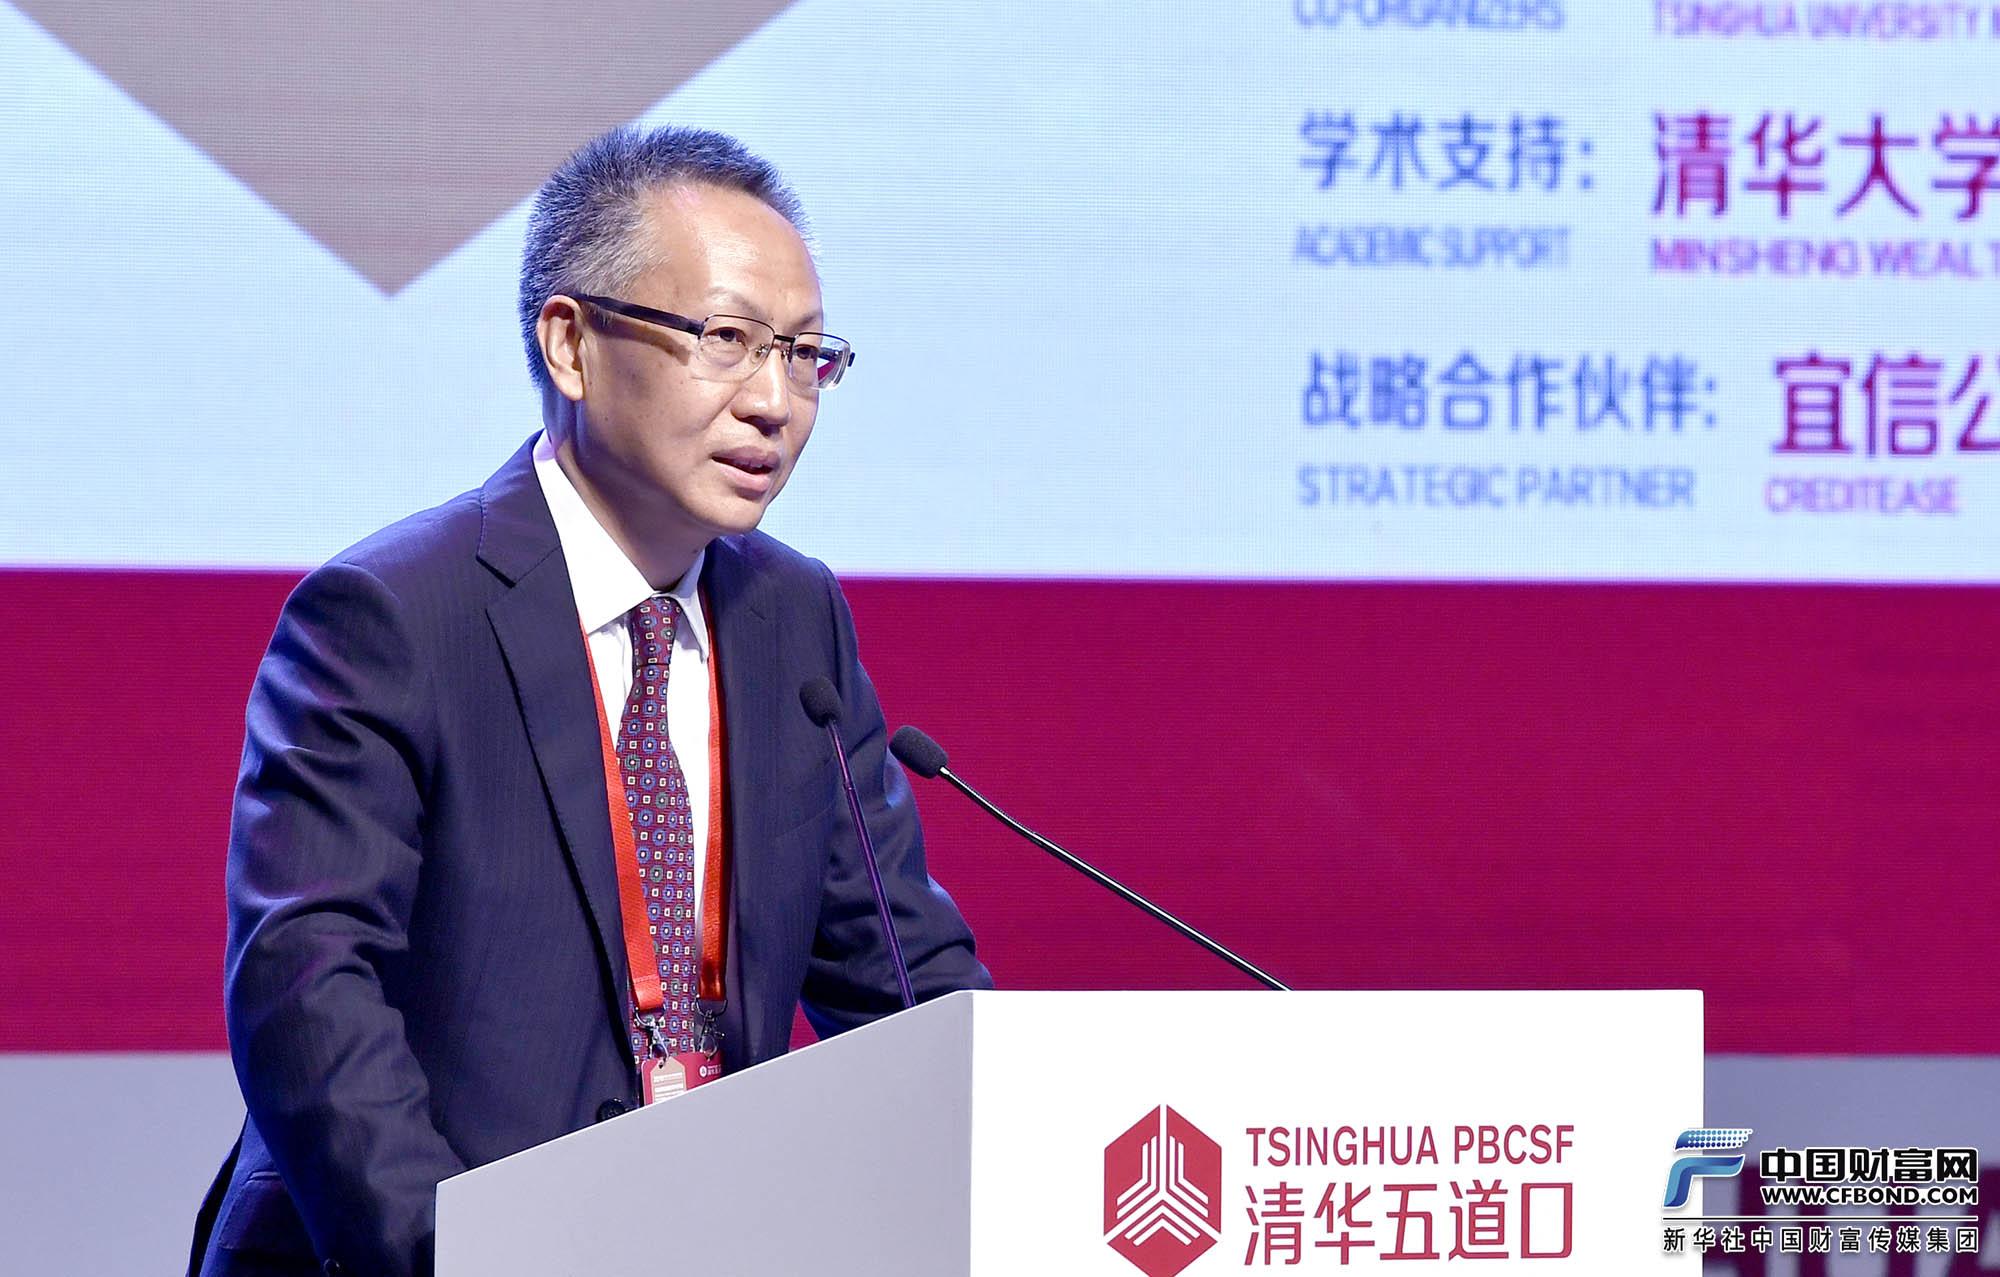 演讲嘉宾:华夏银行行长,清华大学五道口金融学院战略咨询委员会委员张健华